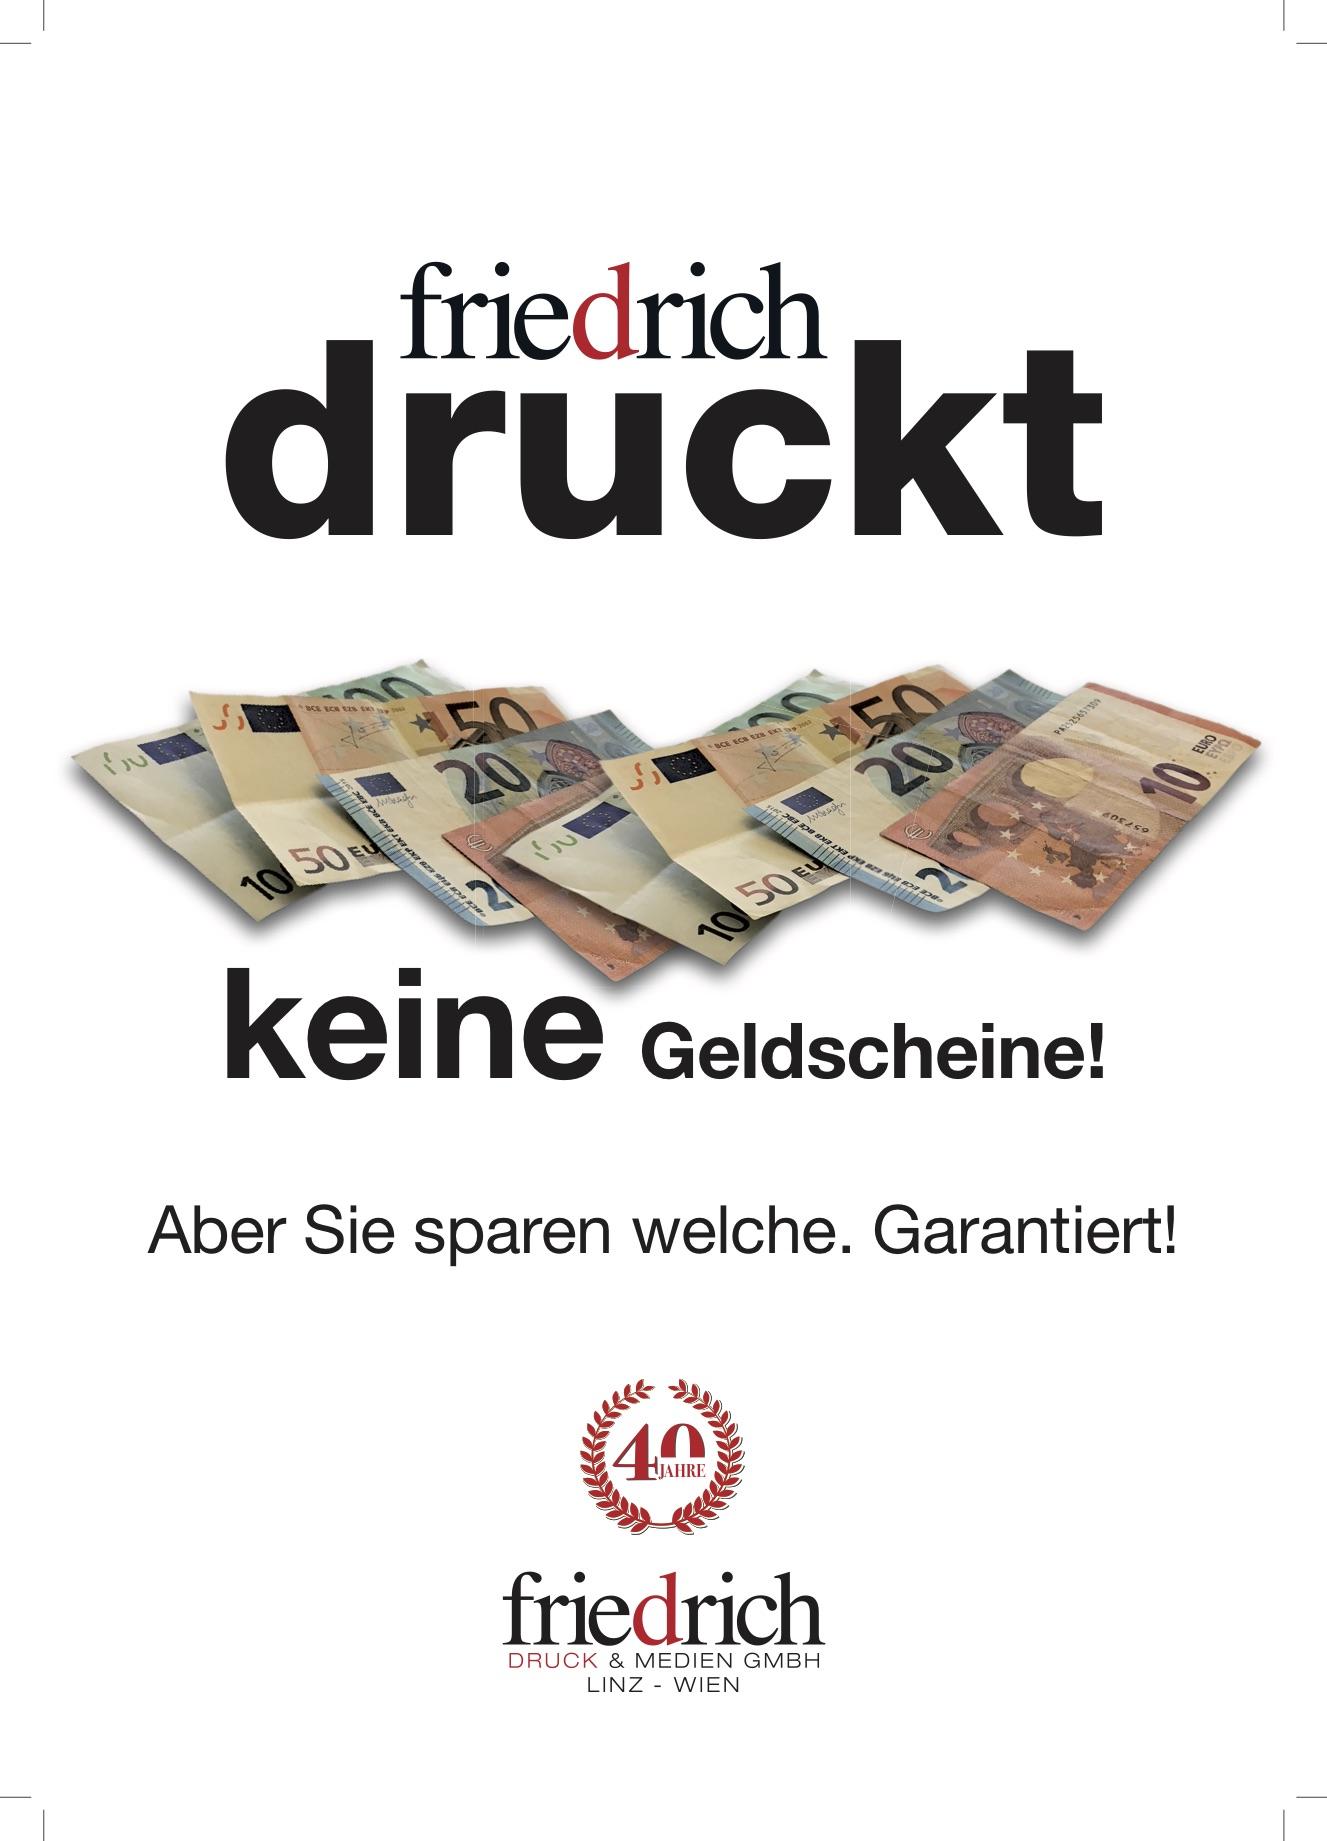 Friedrich druckt